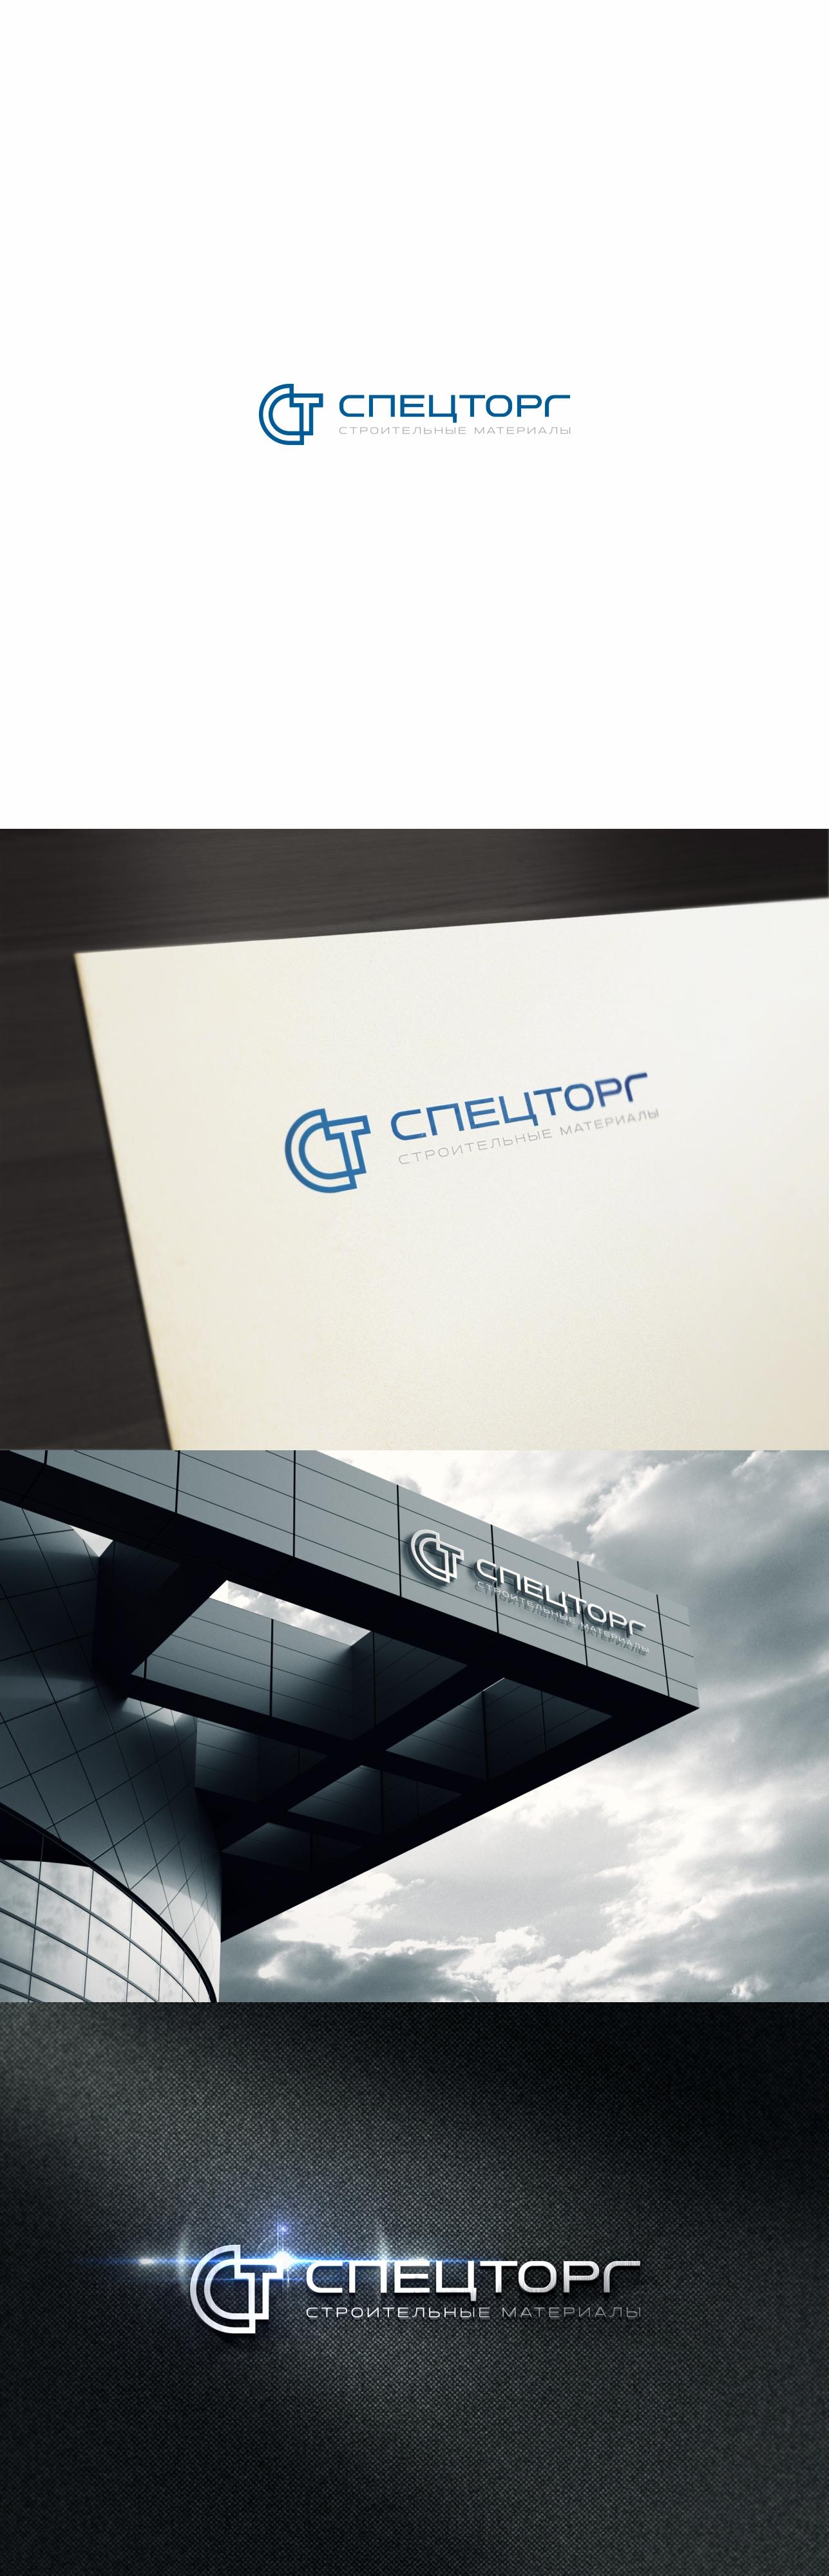 Разработать дизайн  логотипа компании фото f_4505dcaff5cd7482.jpg